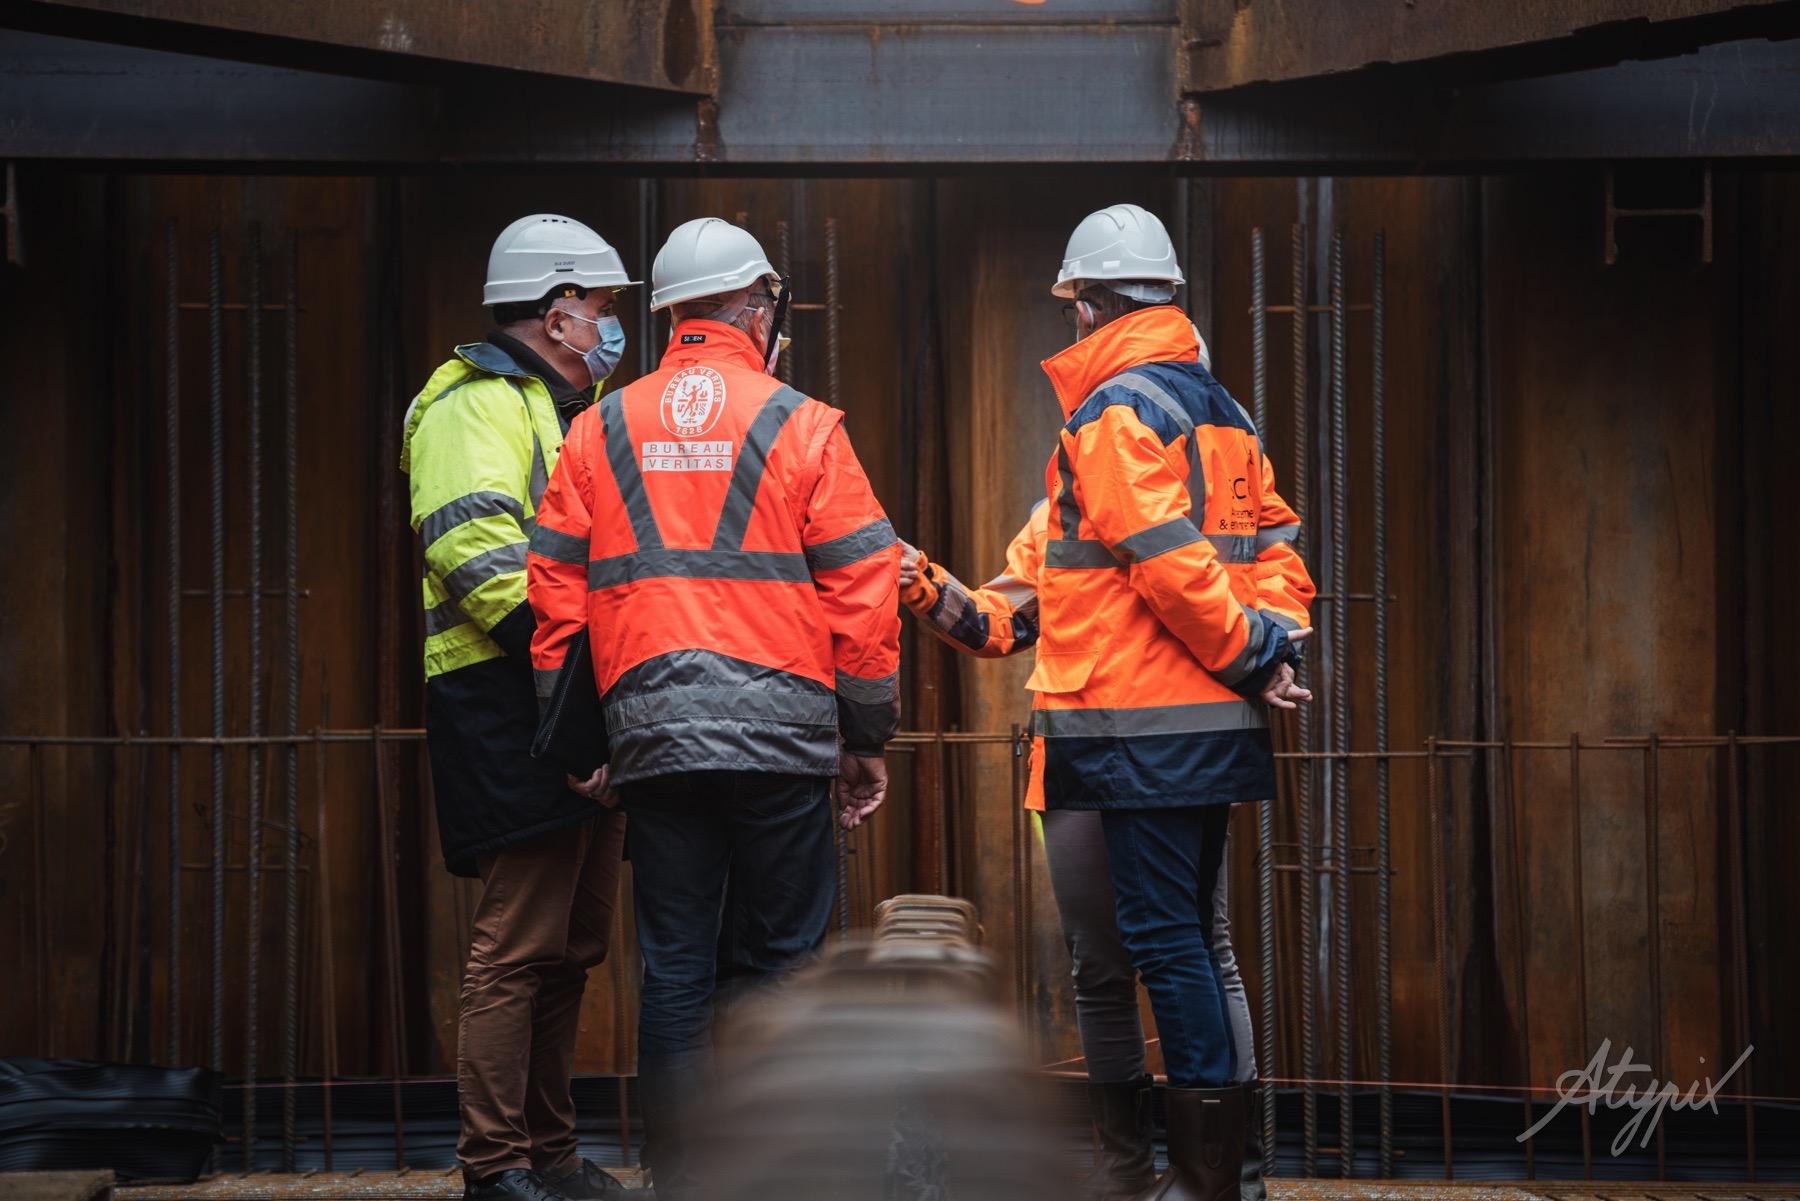 réunion chantier génie civil